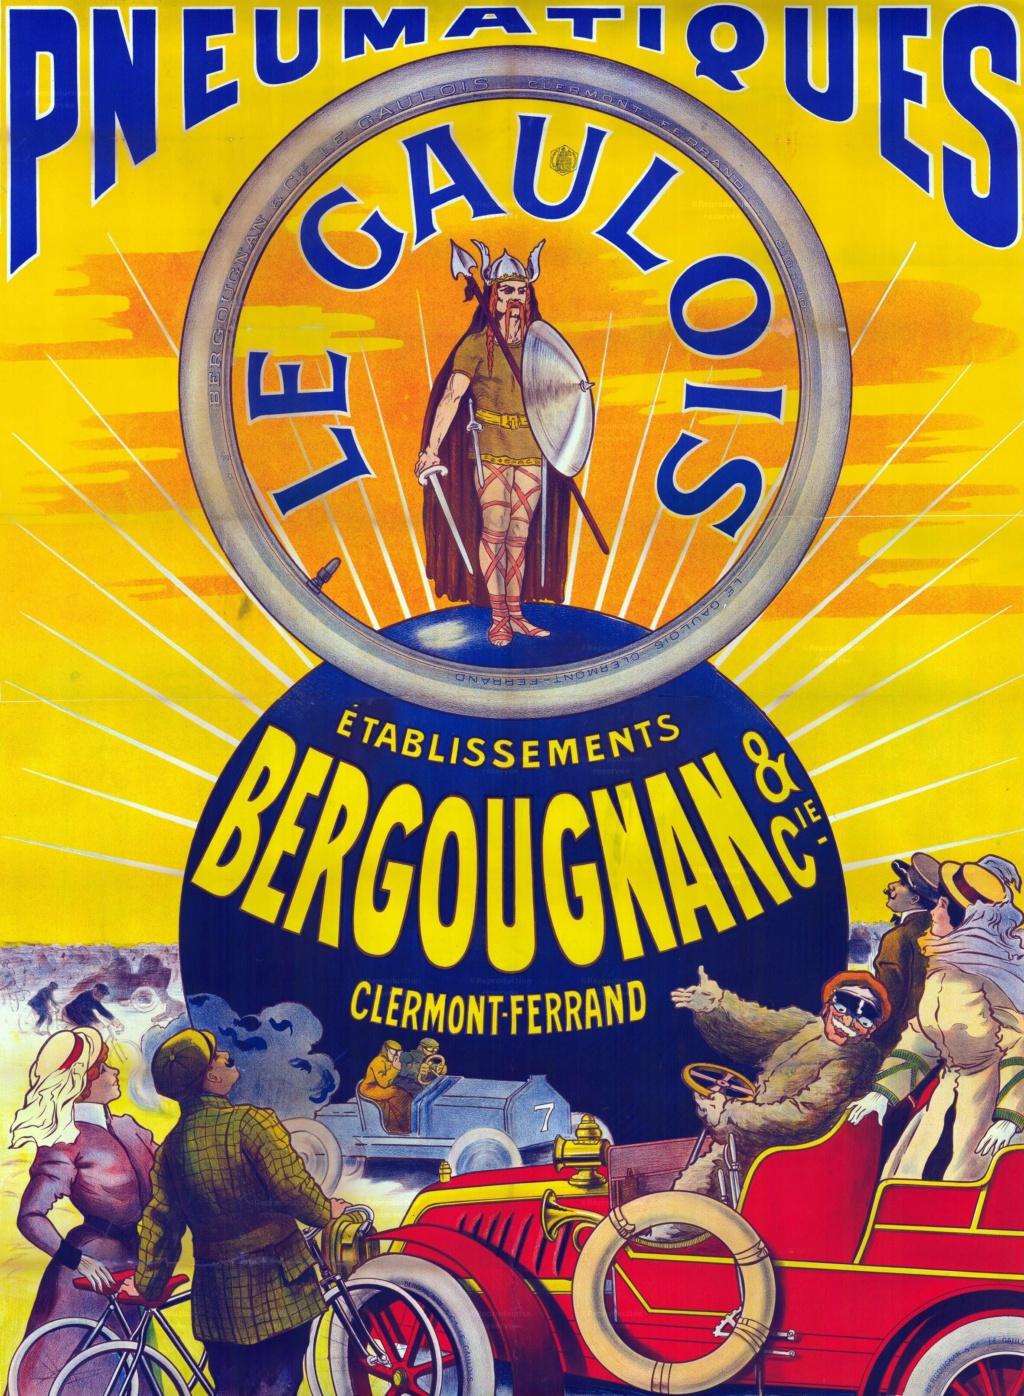 affiche pneu bergougnan Frad0610